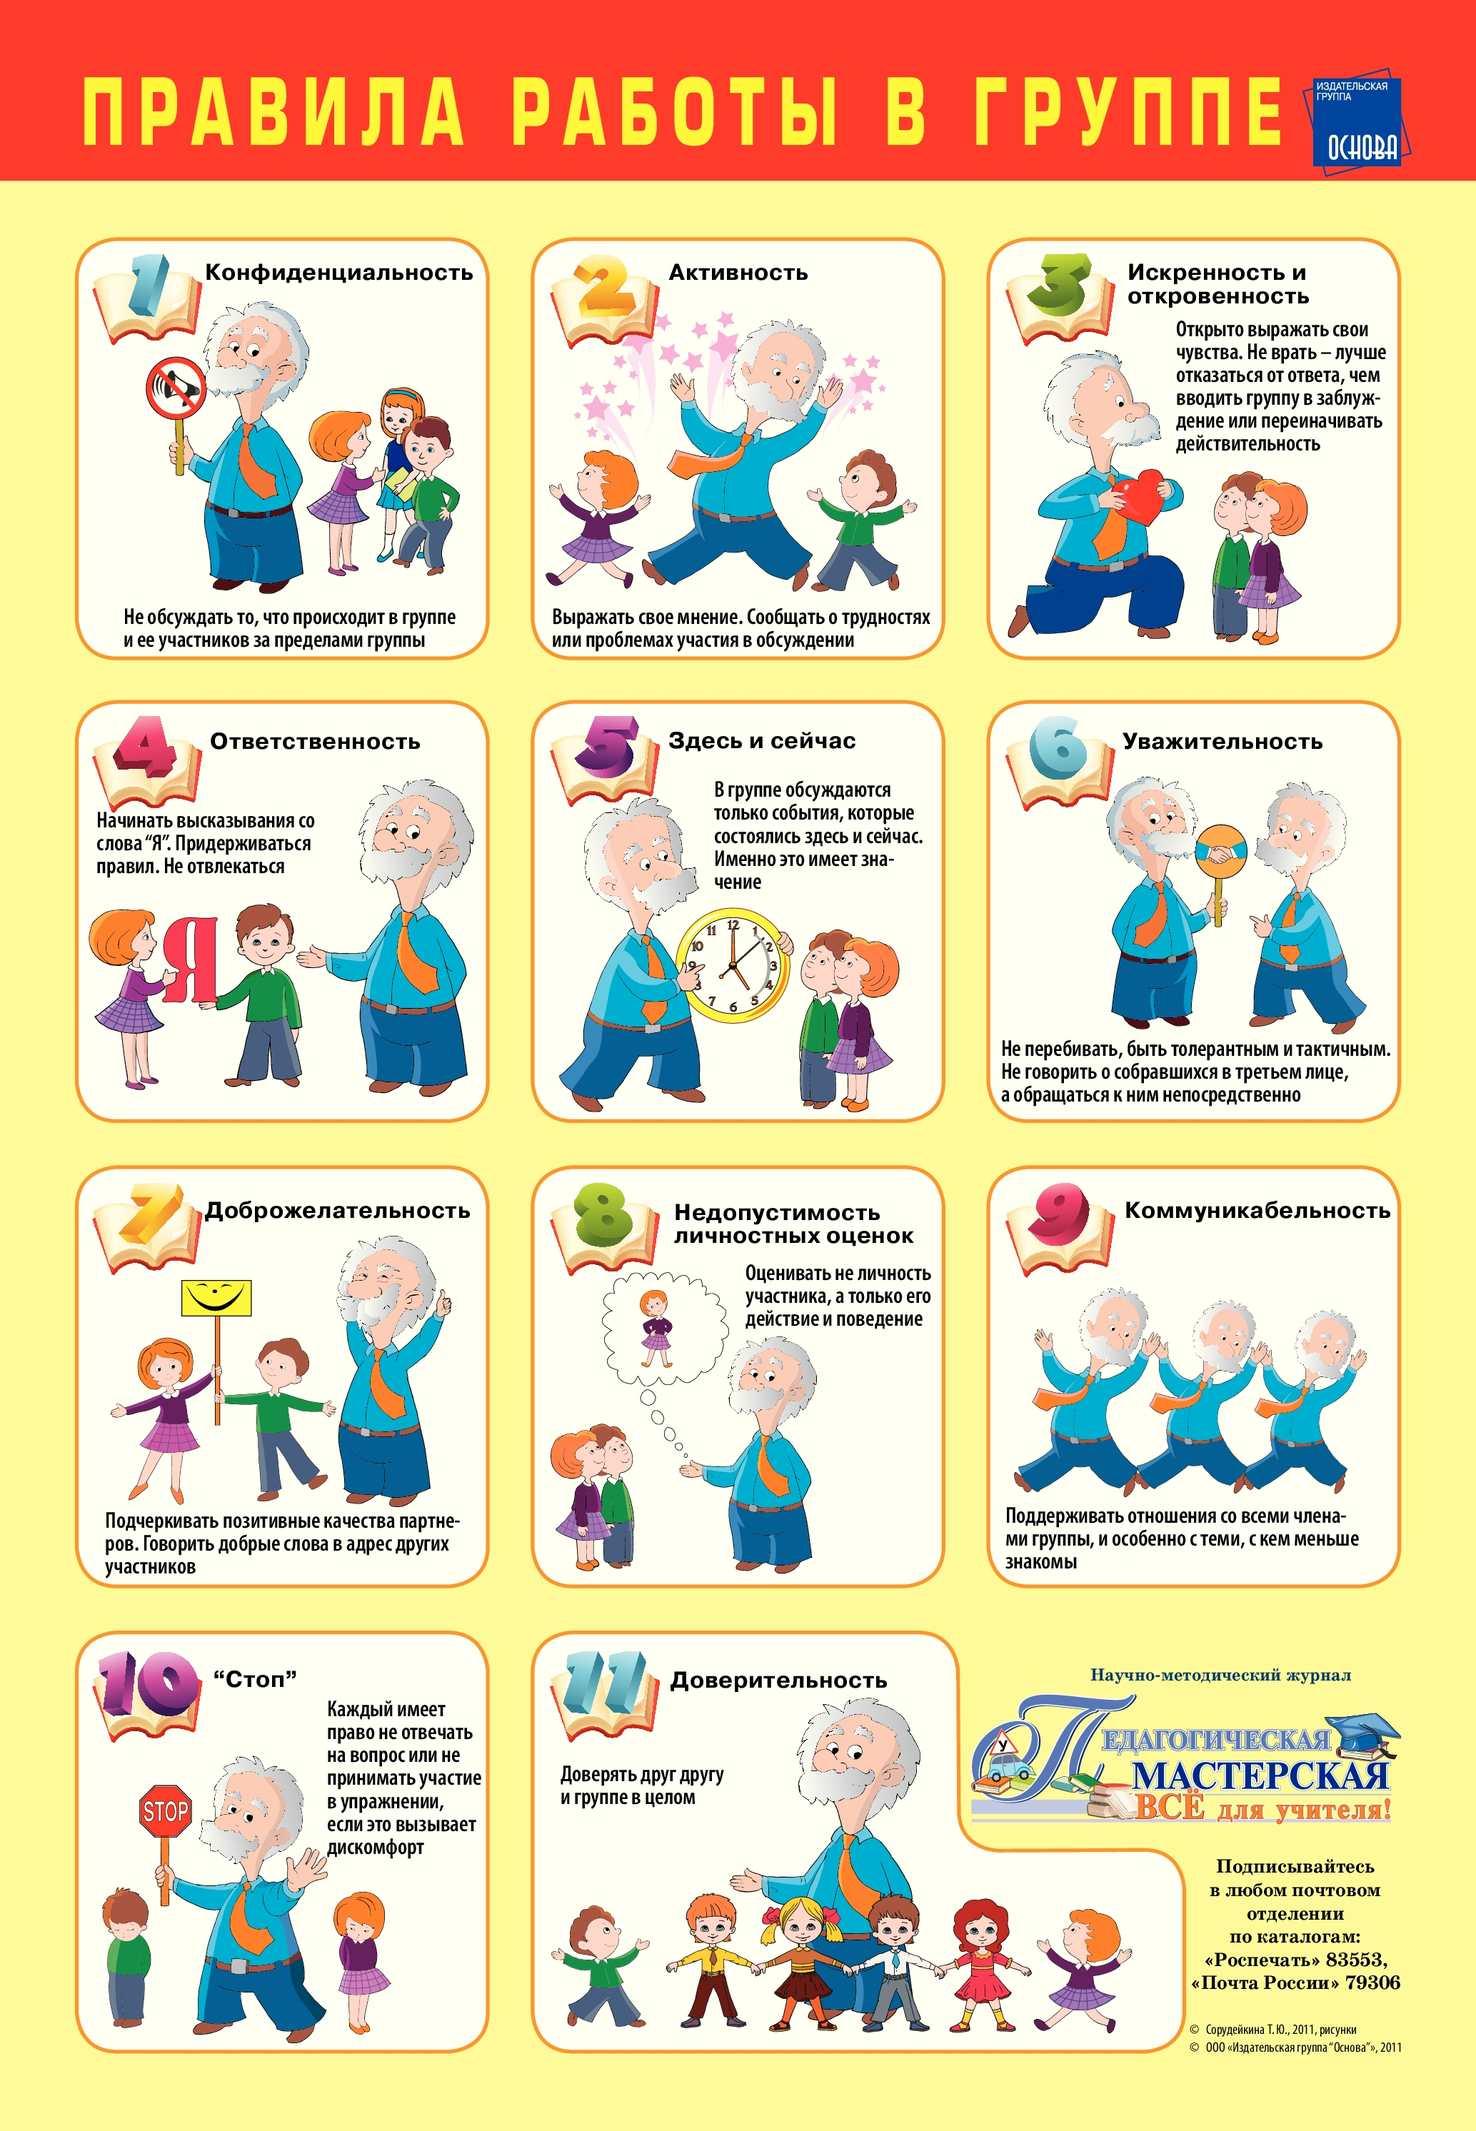 Картинка правила работы в группе на уроке памятка основаны святоотеческом